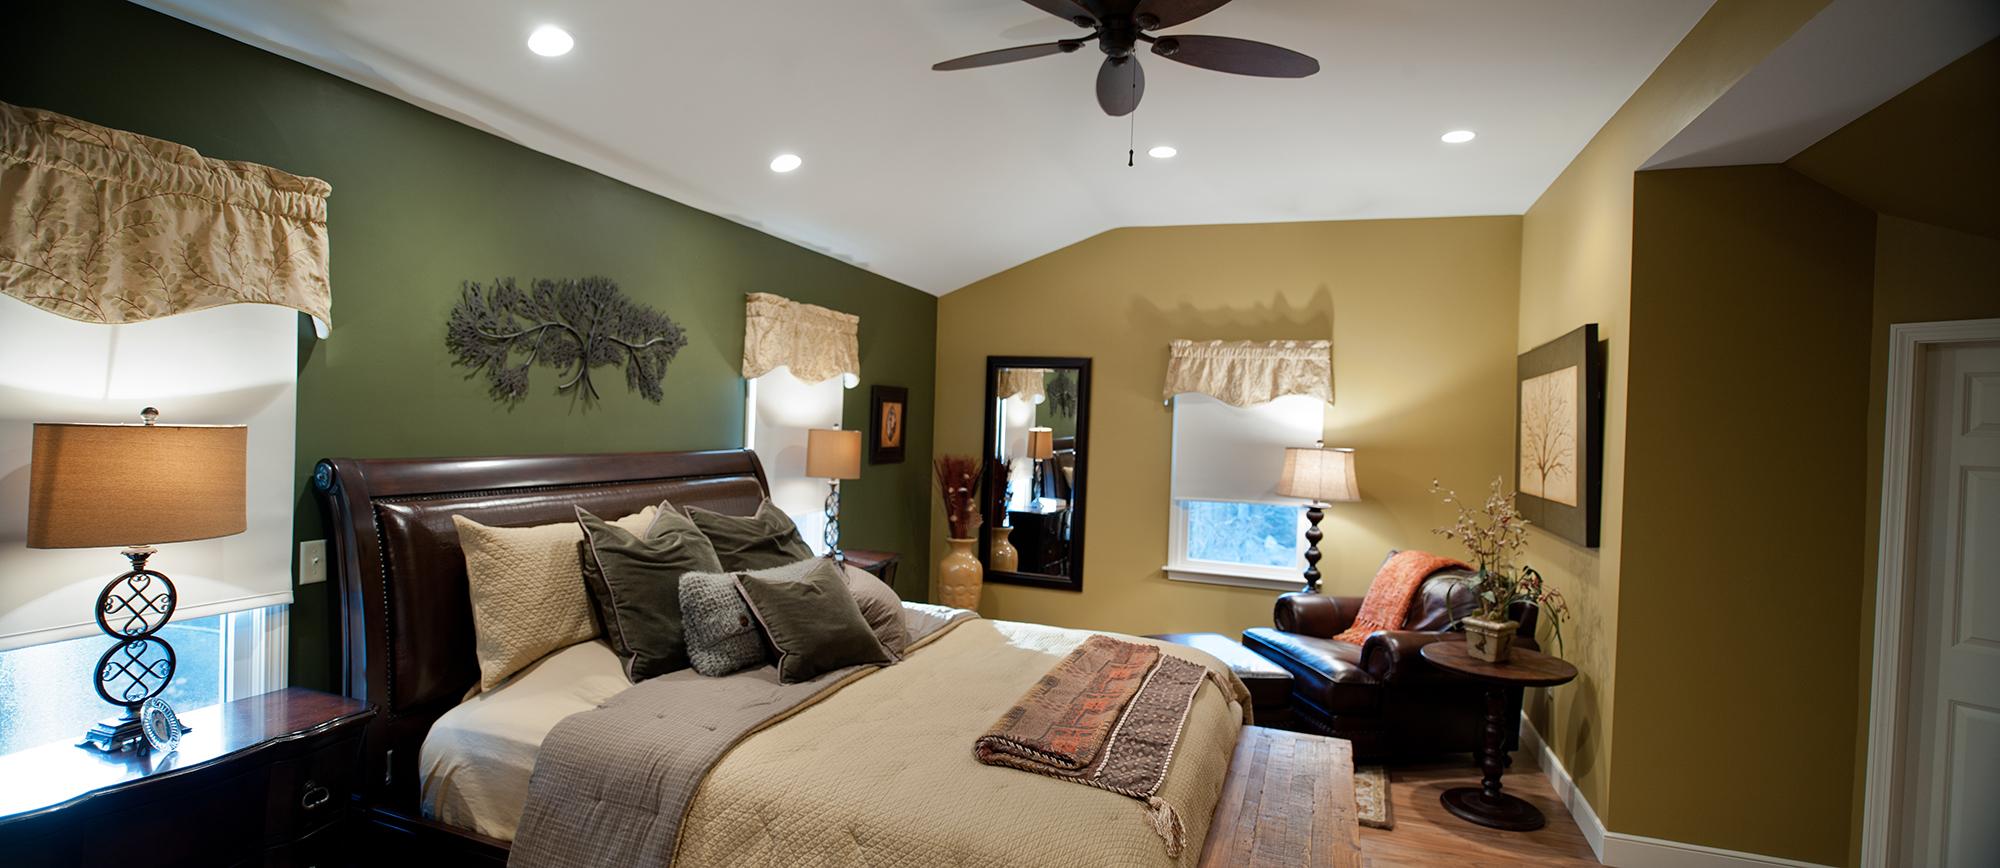 Home indesign interiors interior design interior for In design interiors